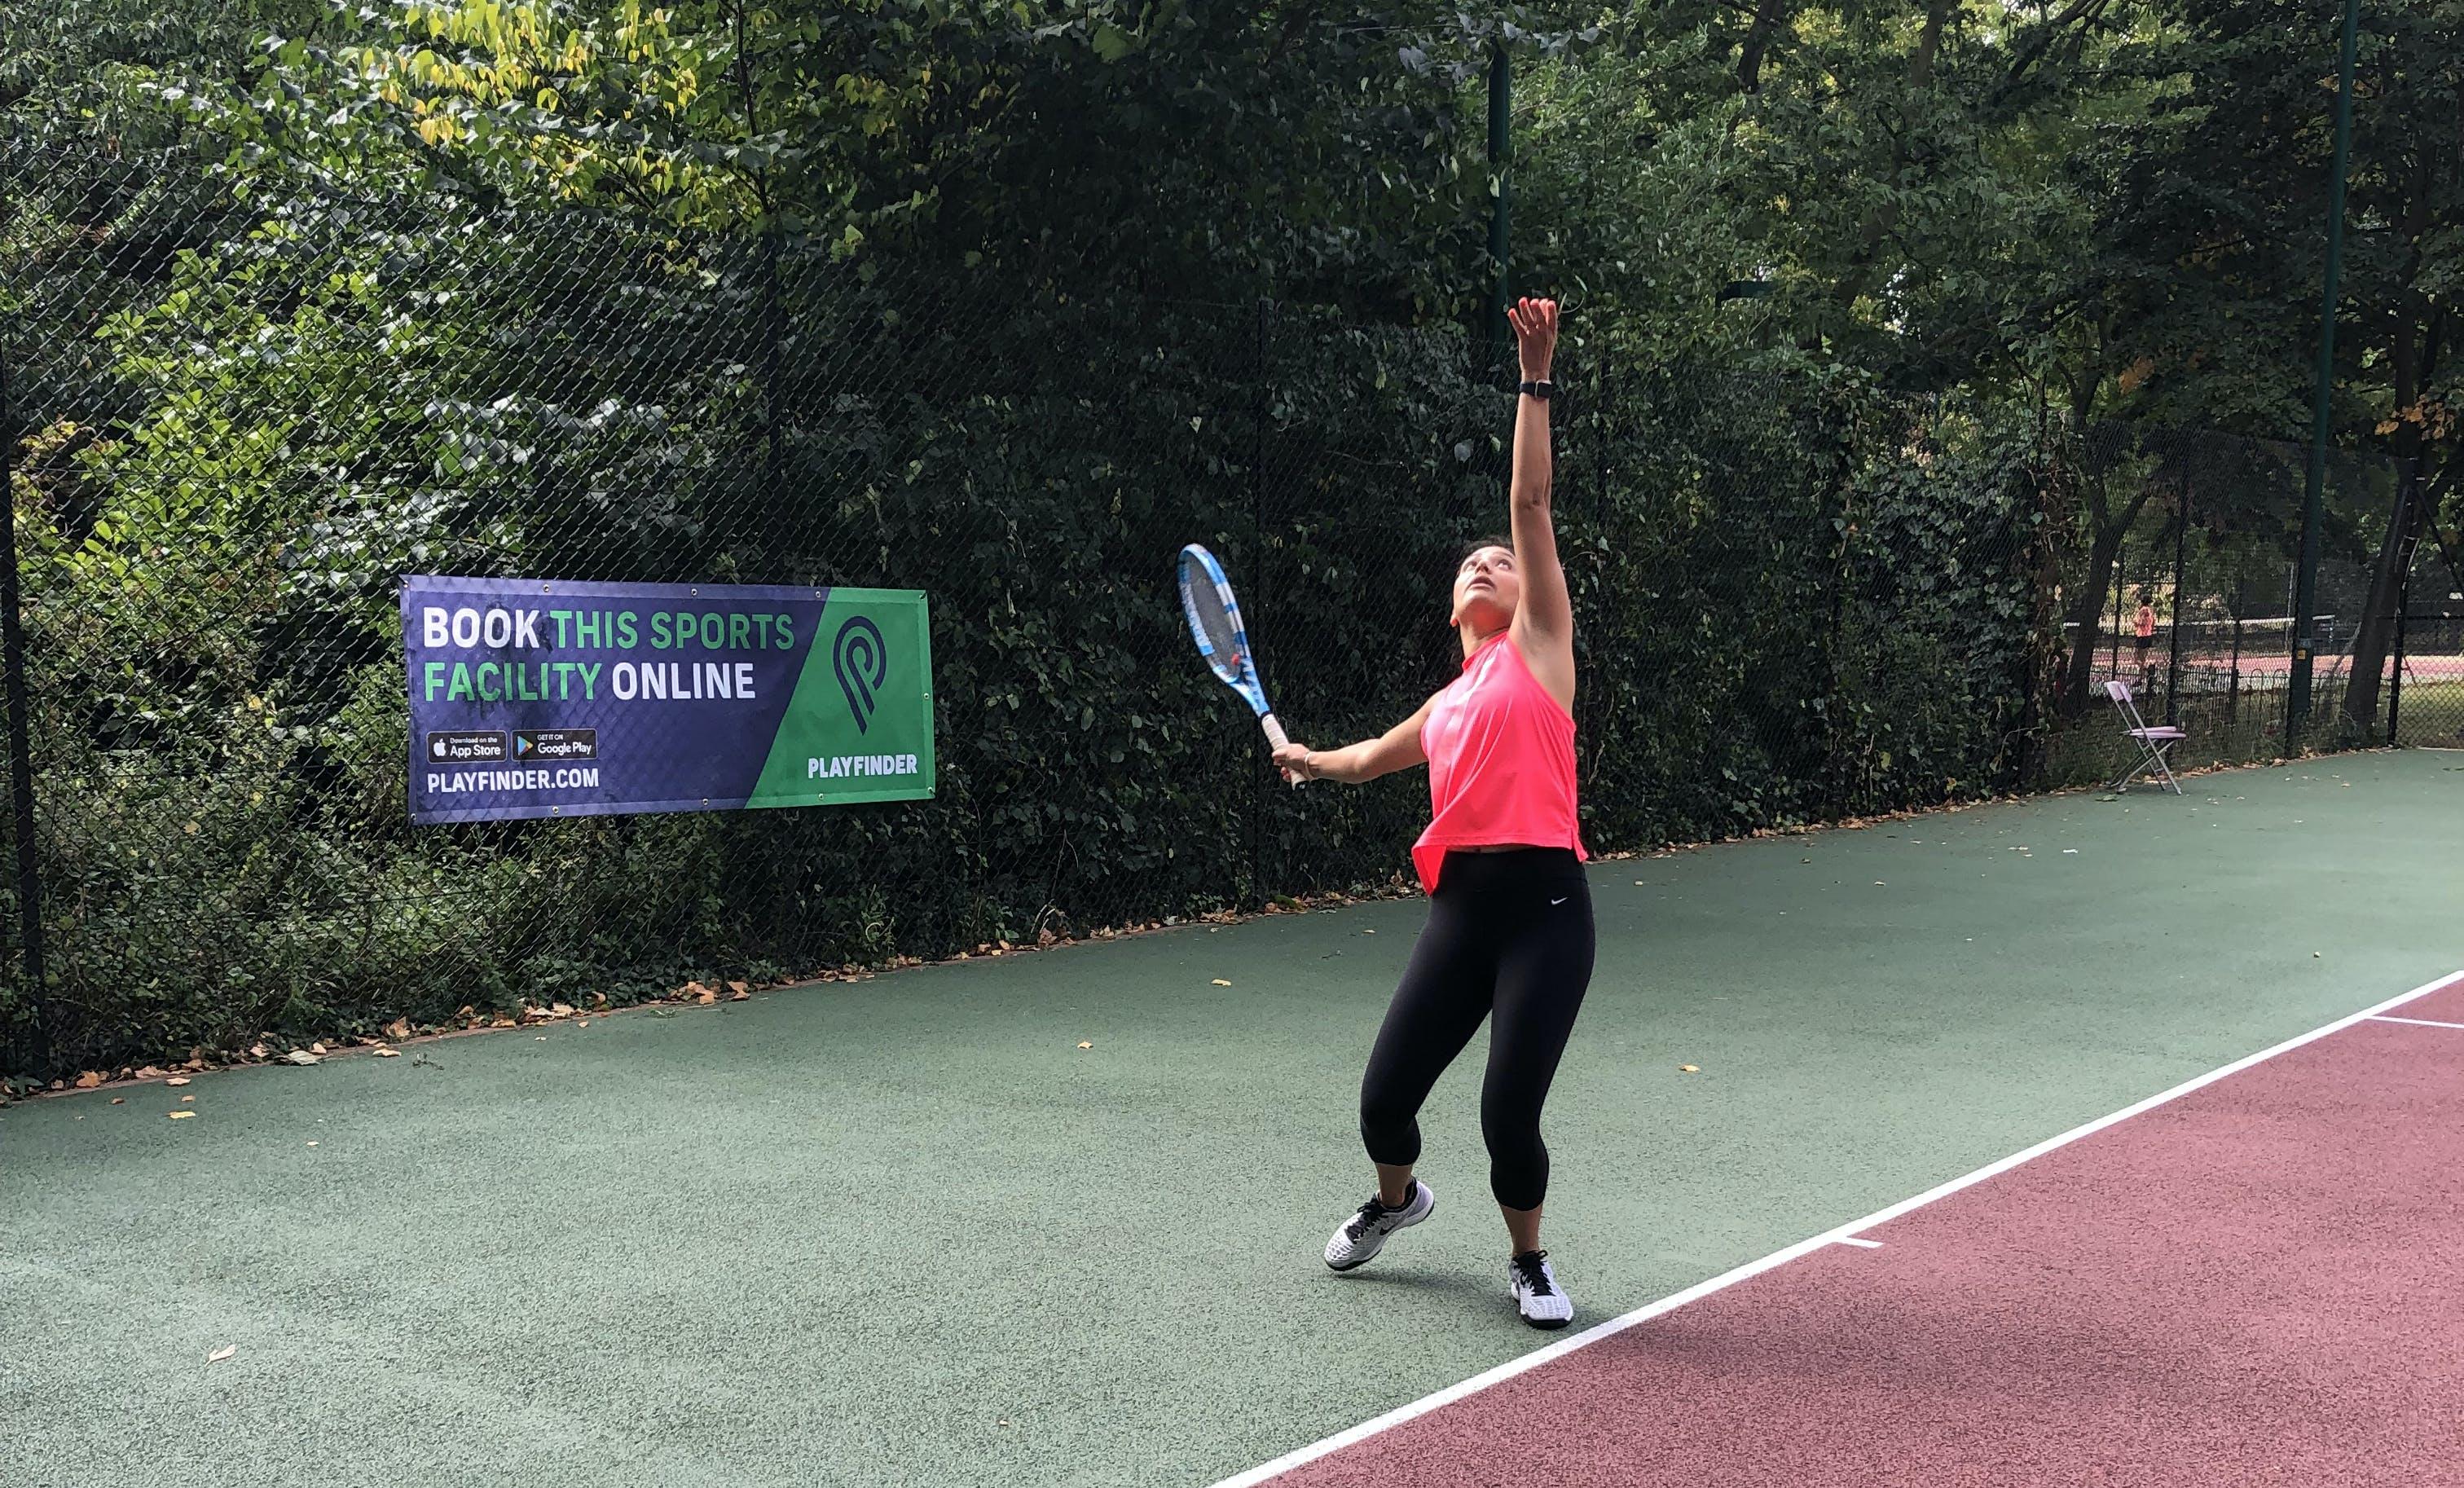 Highbury tennis